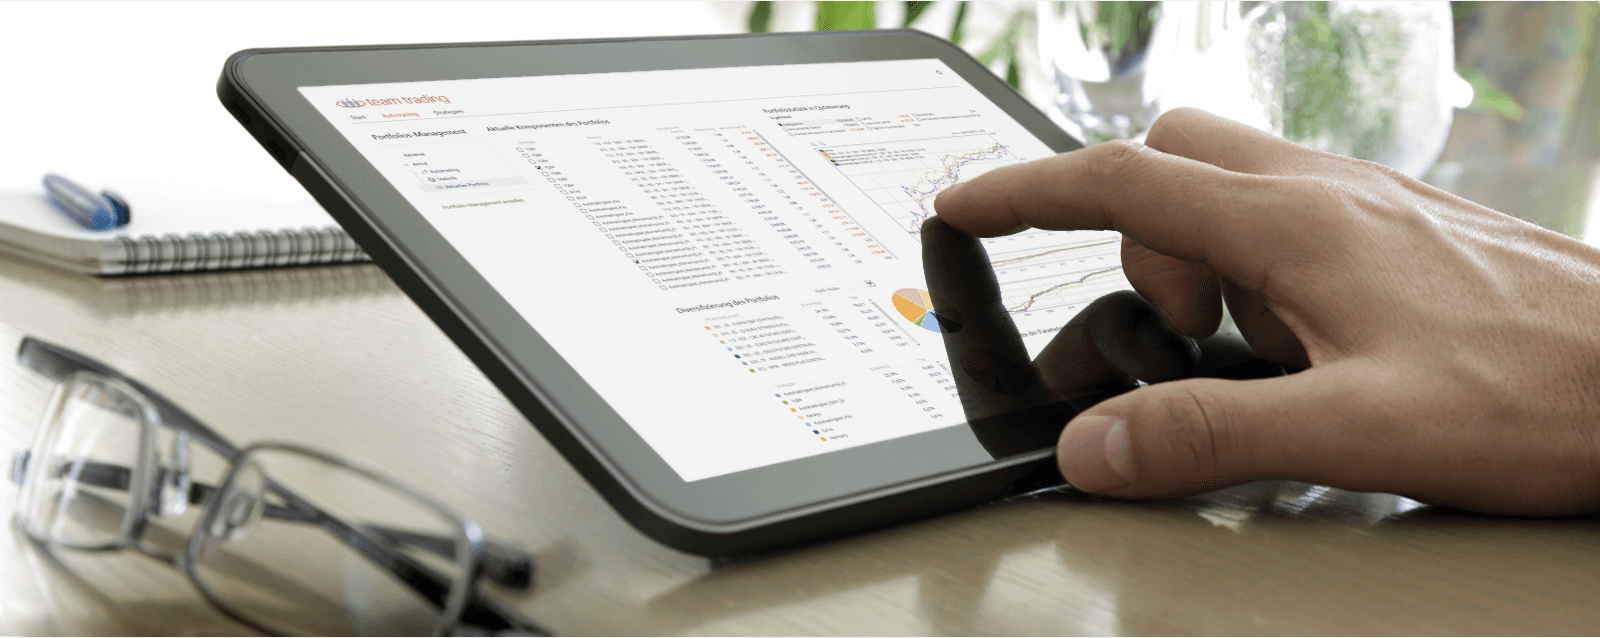 Team Trading Plattform für algorithmisches Trading